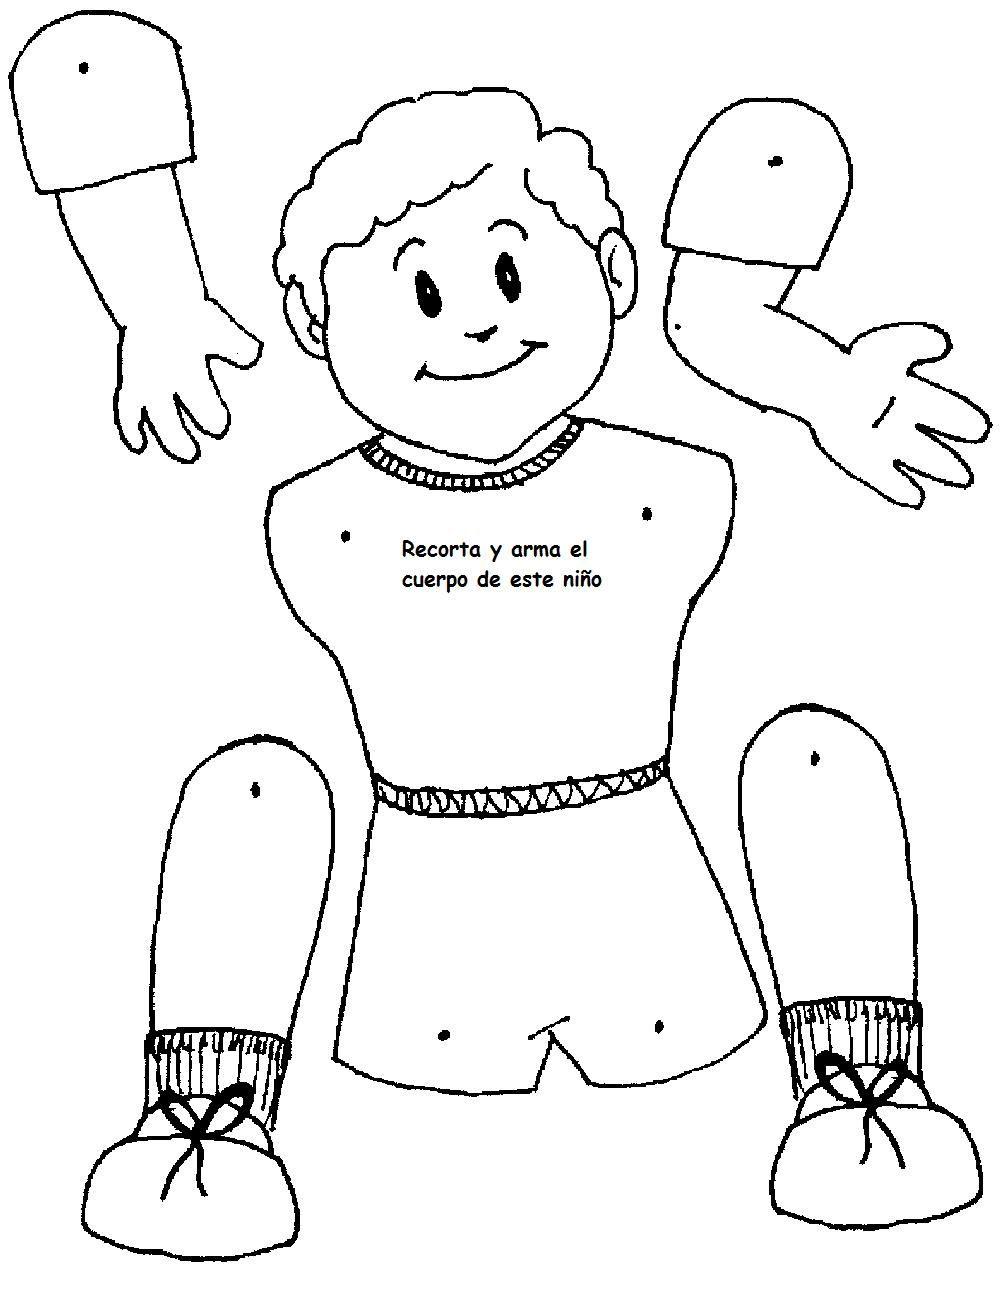 Galerry partes del cuerpo humano para colorear para nios